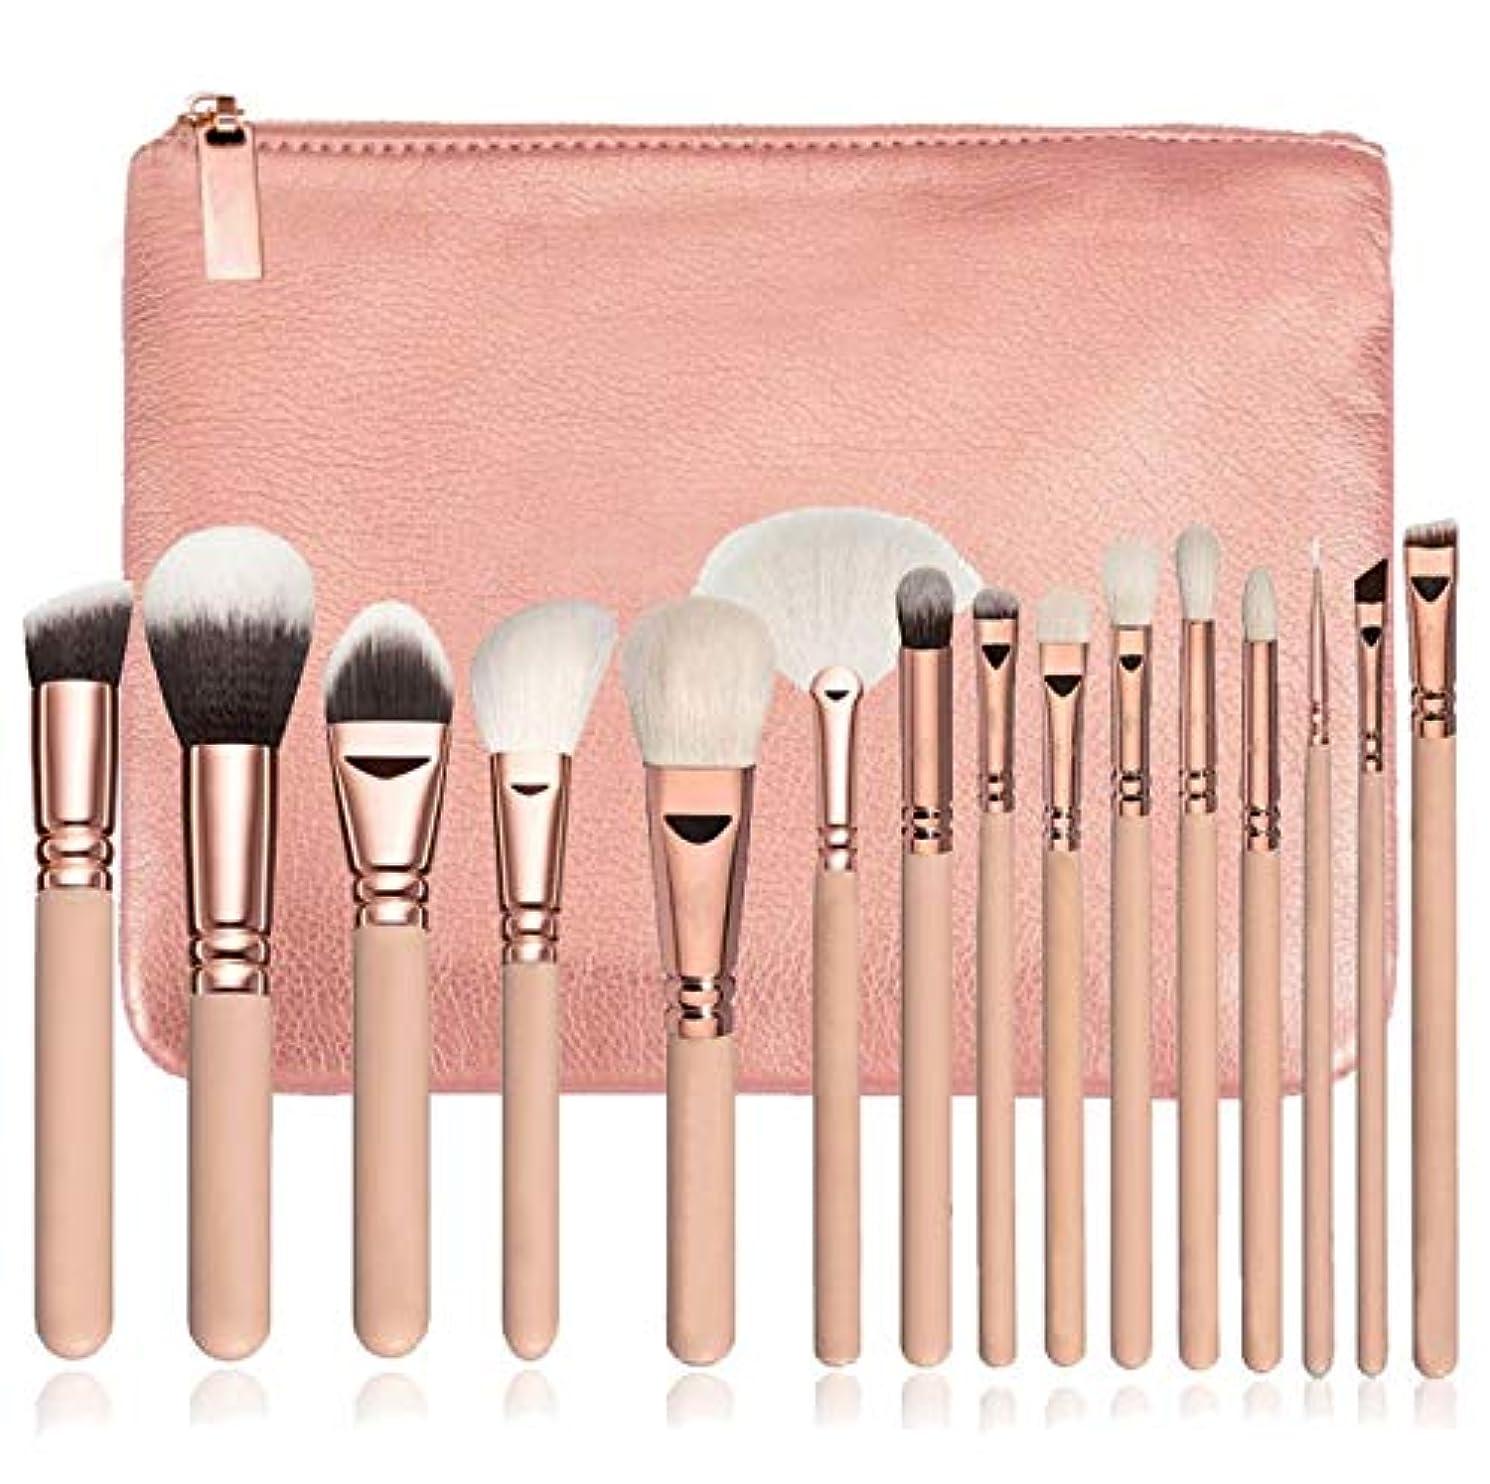 モットー自分を引き上げるバイソンChaopeng 化粧ブラシセット、15化粧ブラシセット、ブラッシュブラシルースパウダーブラシ付き収納バッグ、プロの化粧ブラシ化粧ギフト (Color : ピンク)